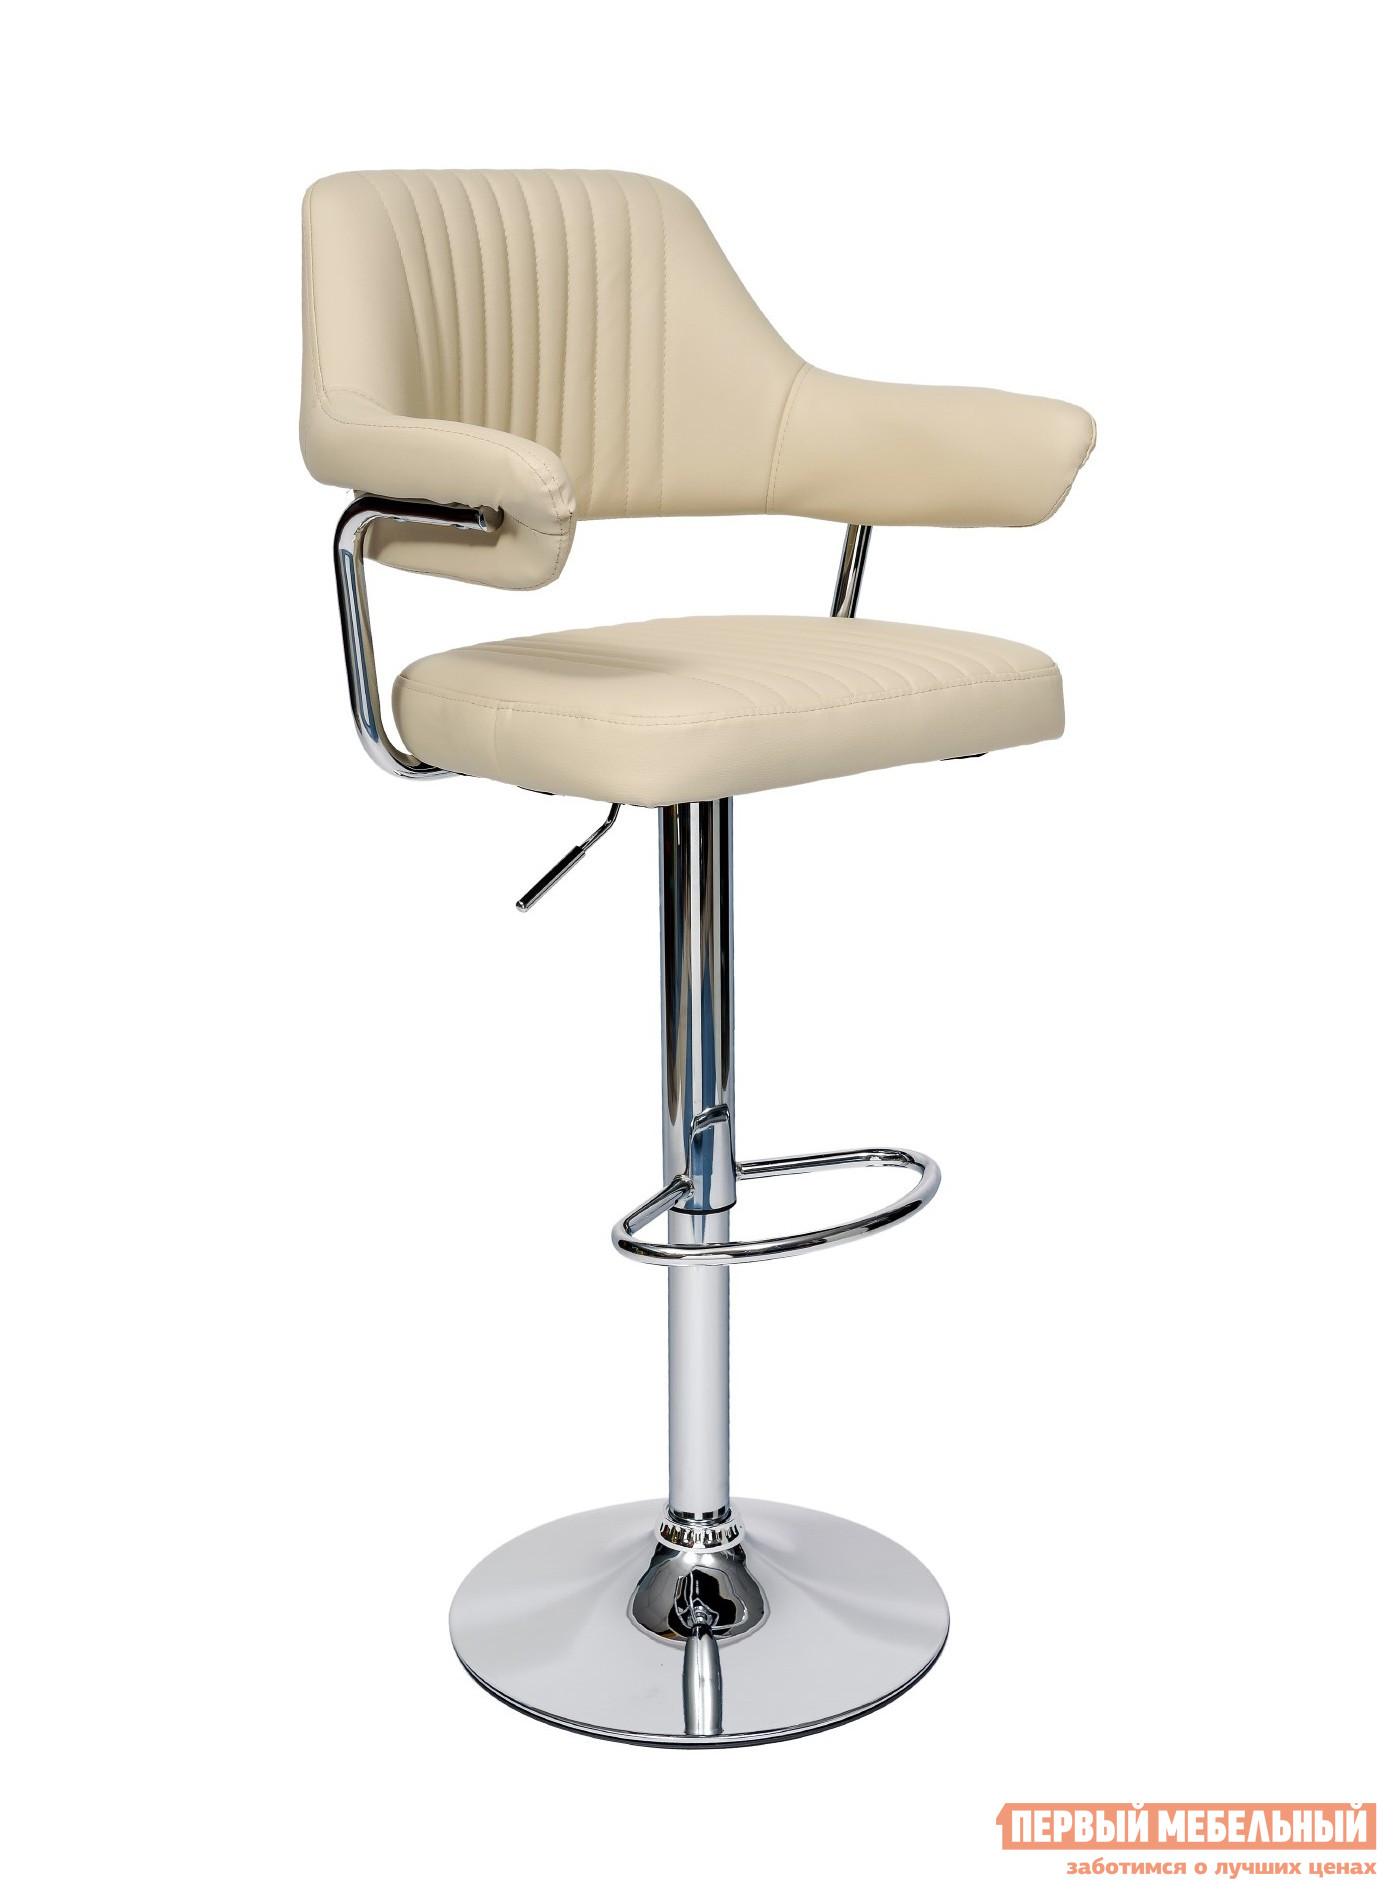 Барный стул с подлокотниками Stool Group Либерти KY-799-08